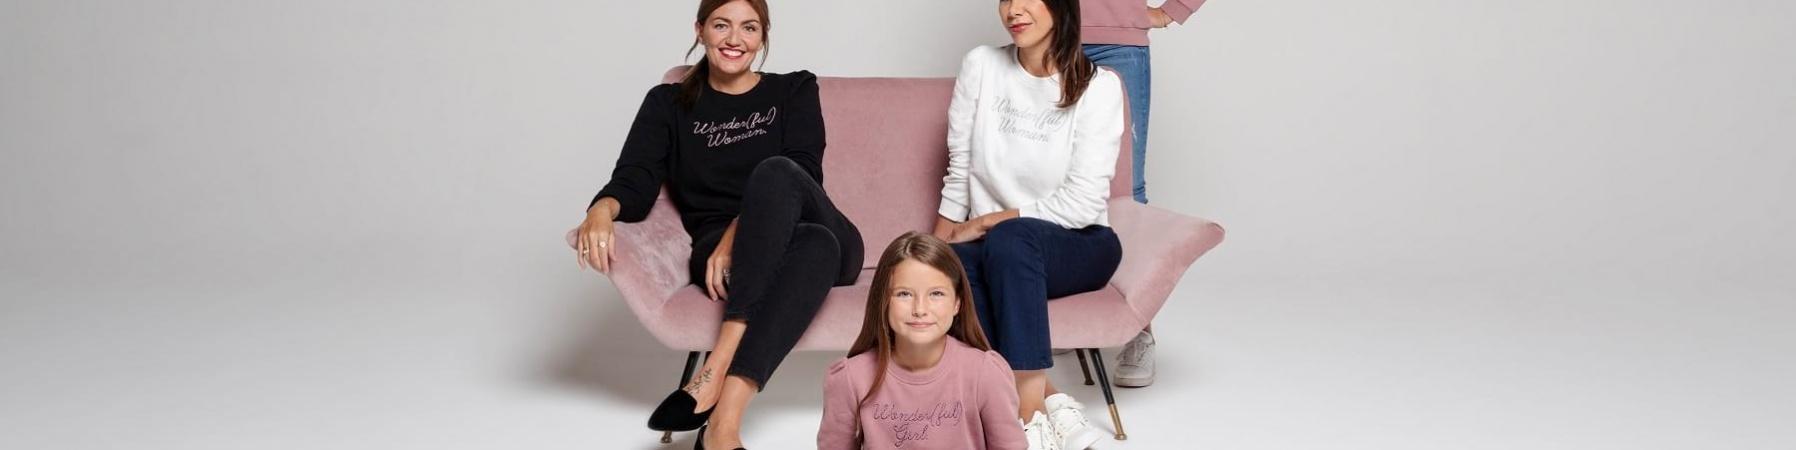 4 ragazze indossano la felpa Wonderful women di OVS per Save the Children